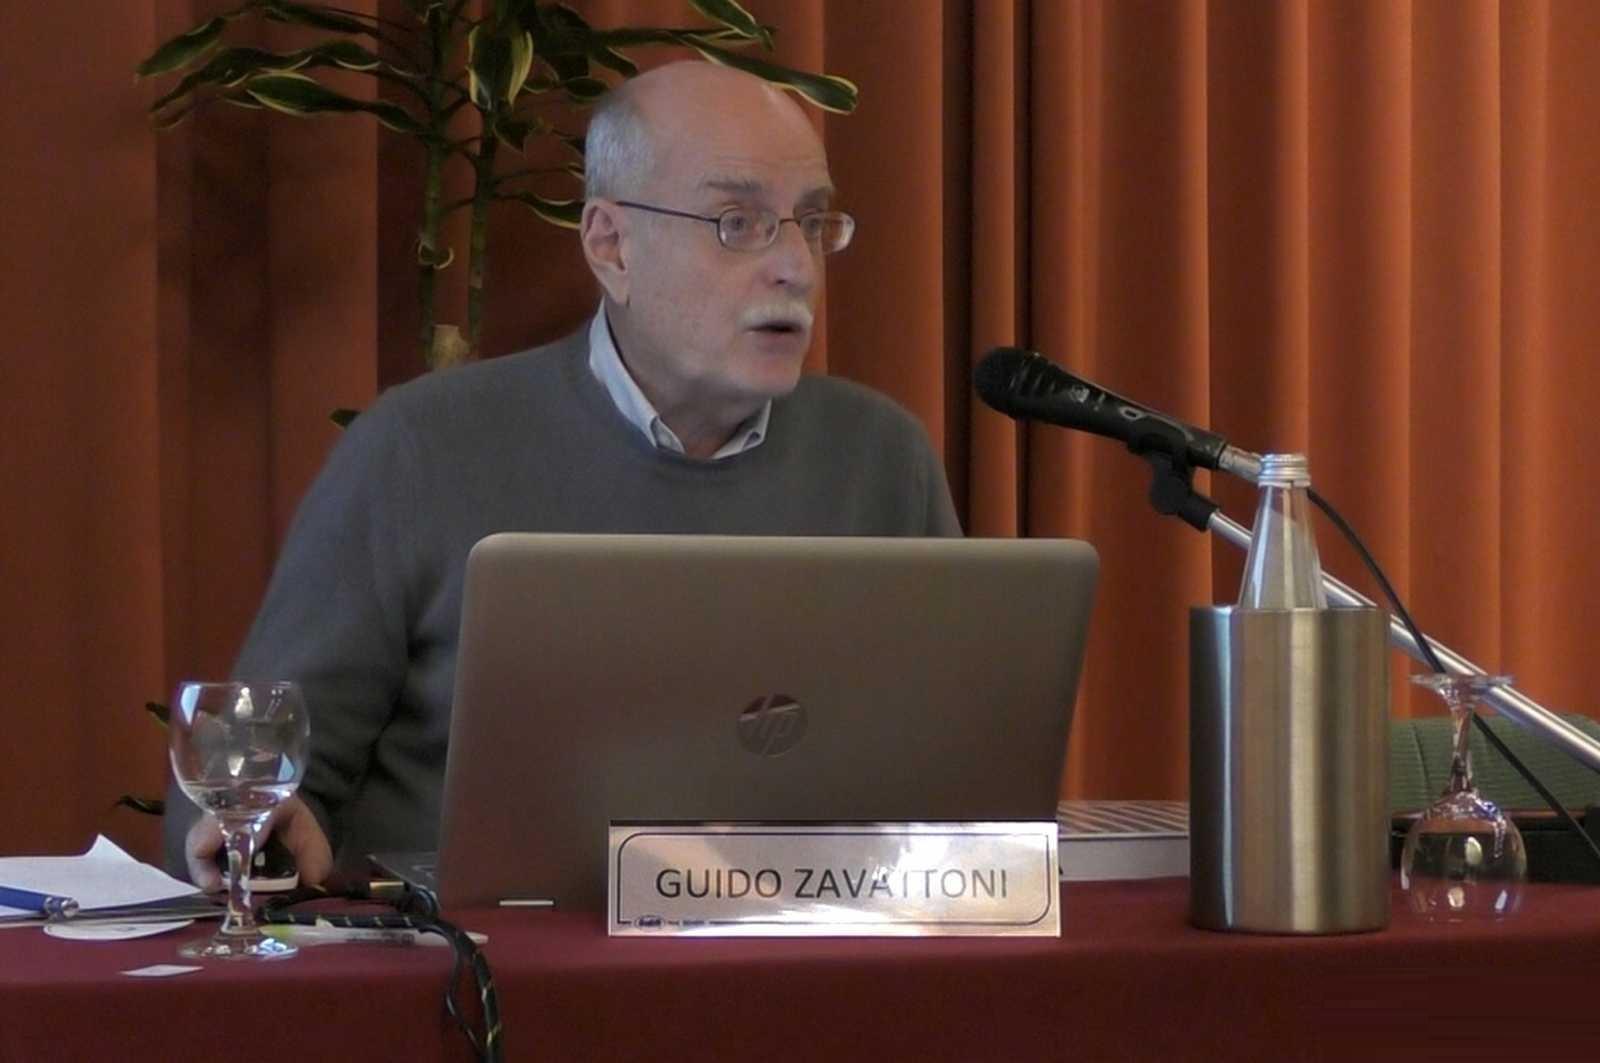 Guido Zavattoni, esperto di pesi e bilance per monete, durante una conferenza tenuta a Milano